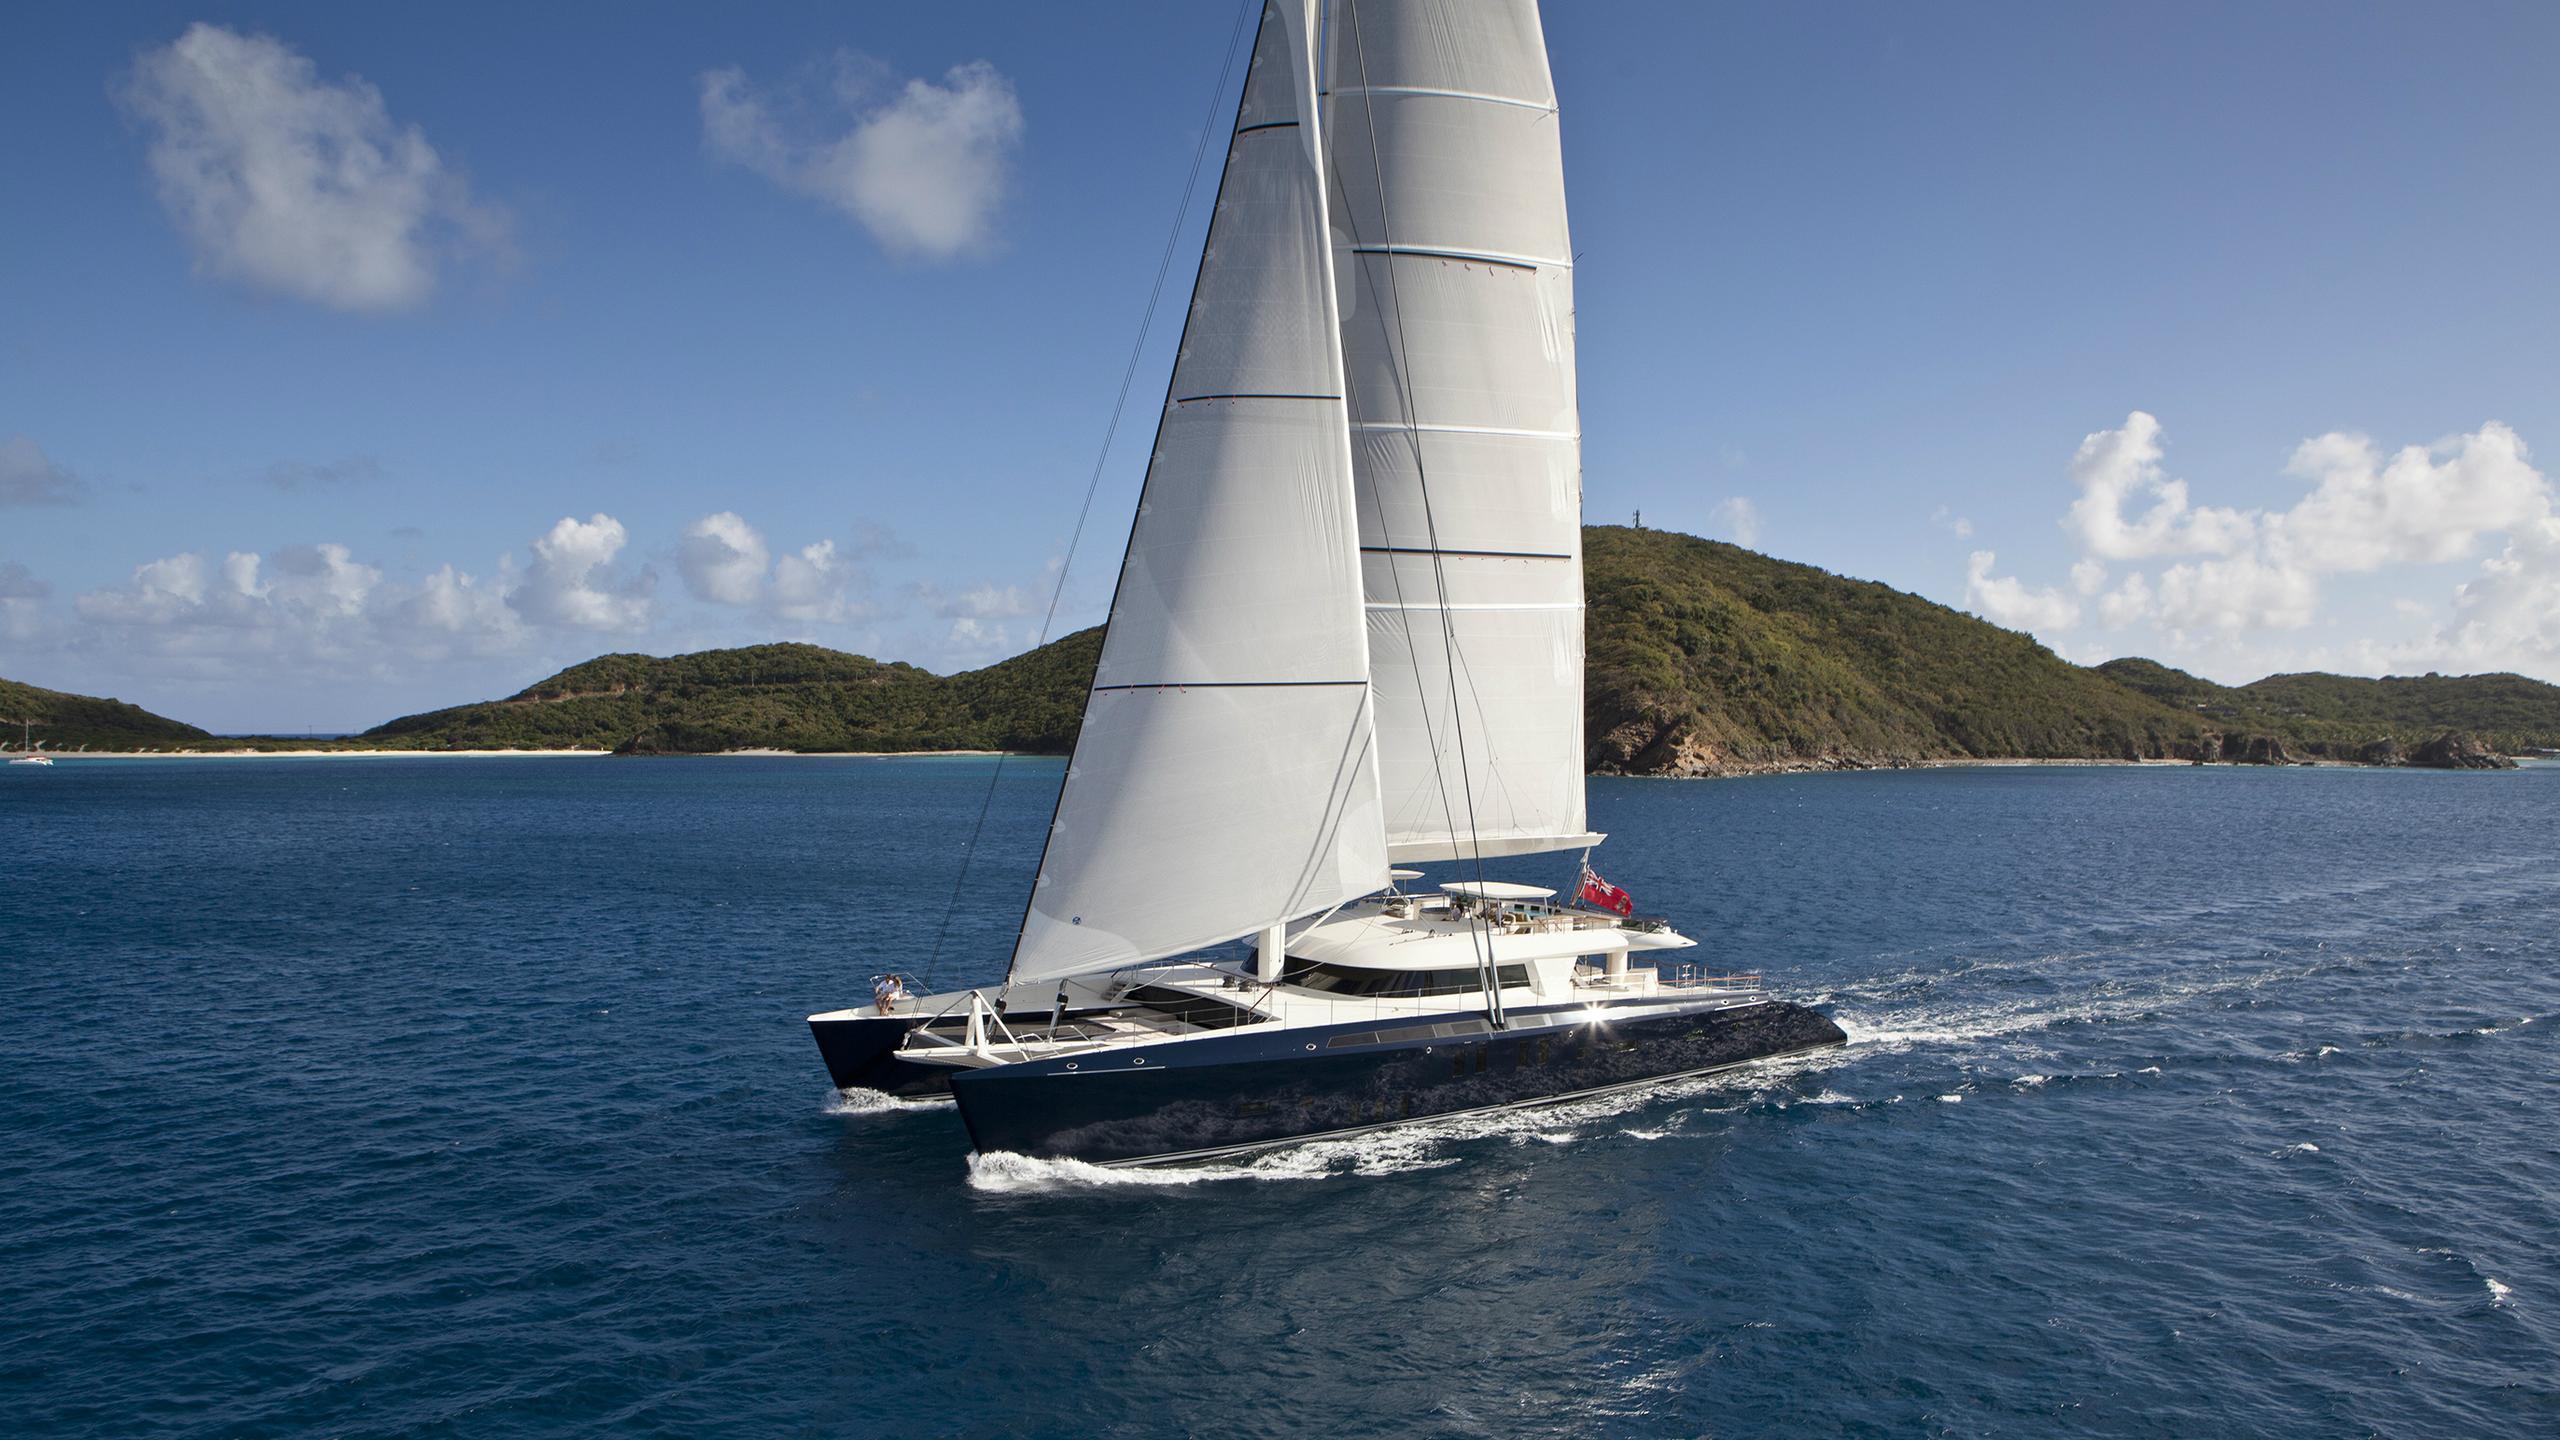 hemisphere-sailing-yacht-pendennis-2011-44m-cruising